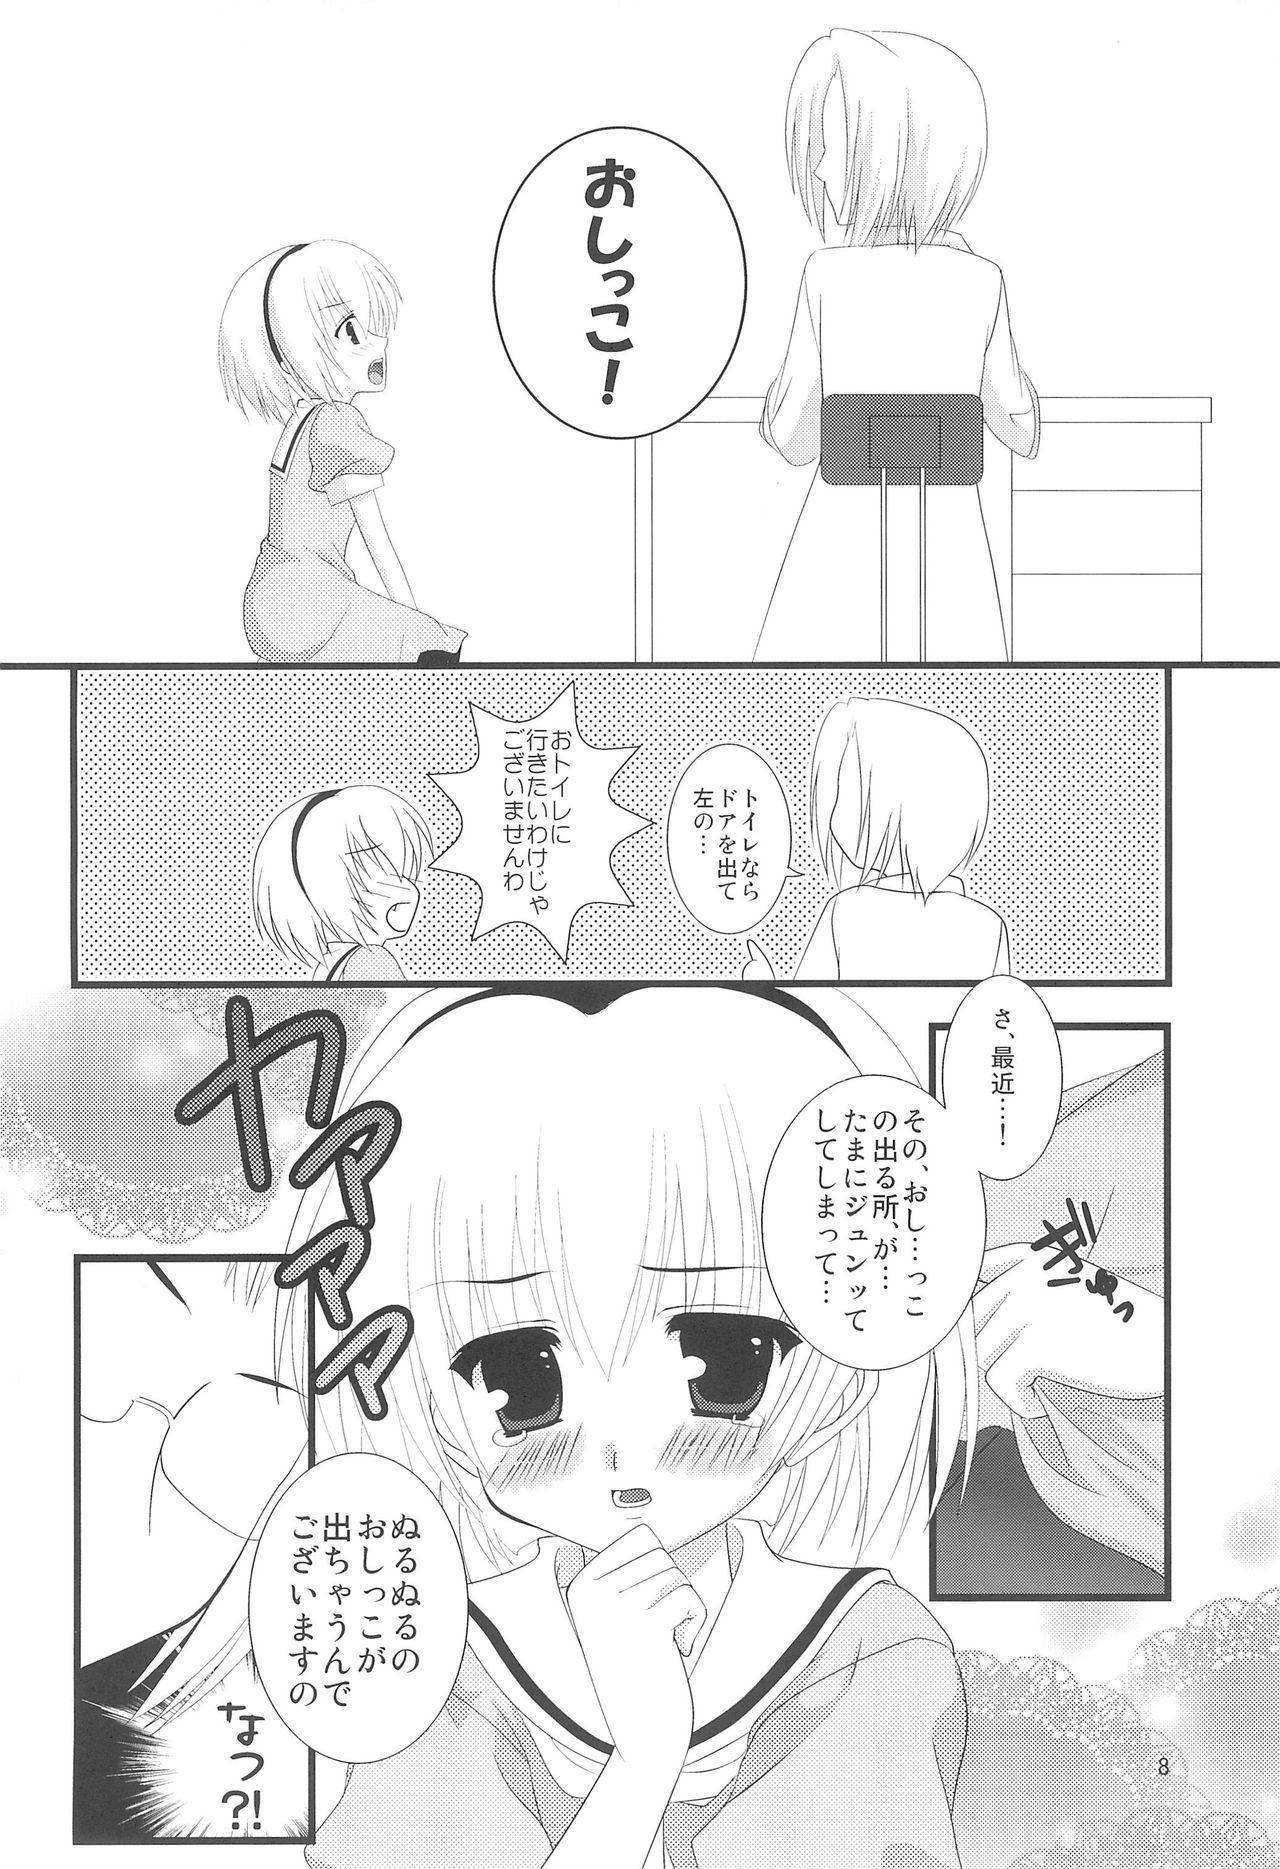 Higurashi no Nuku Koro ni Hamegoroshi-hen 9